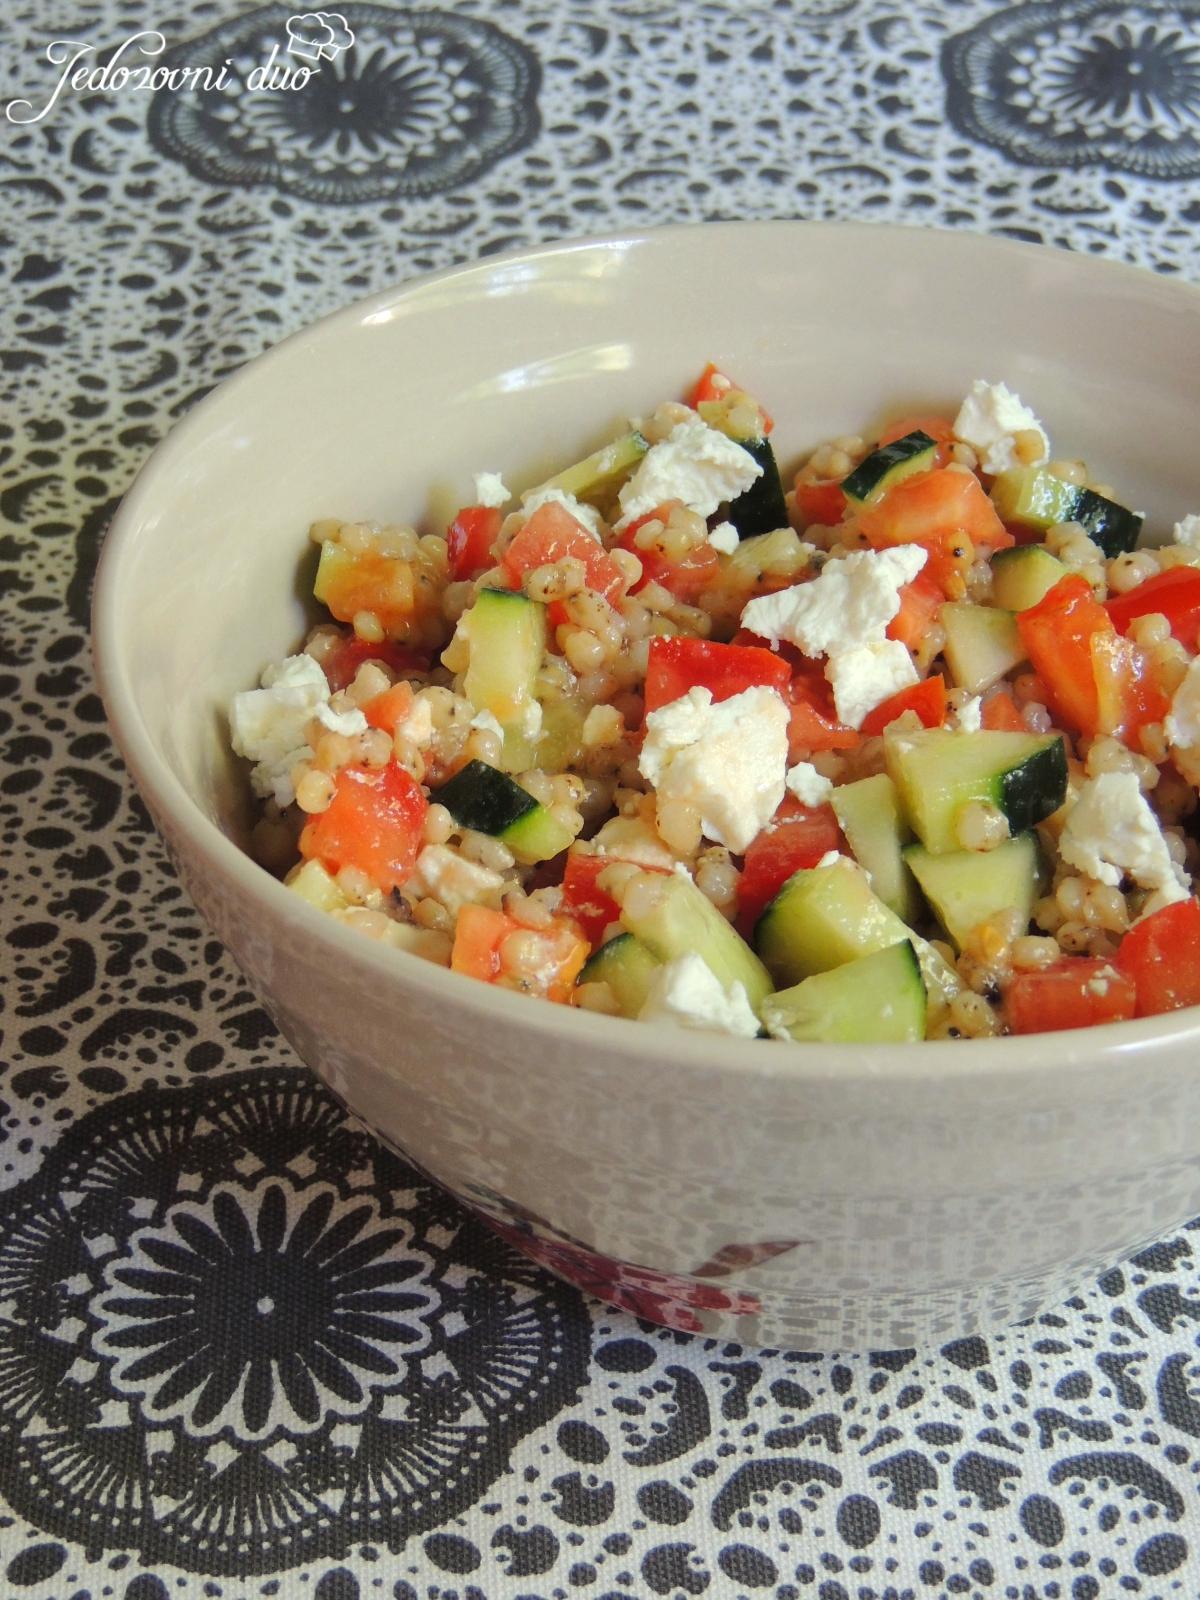 Sorghum salate (9)b